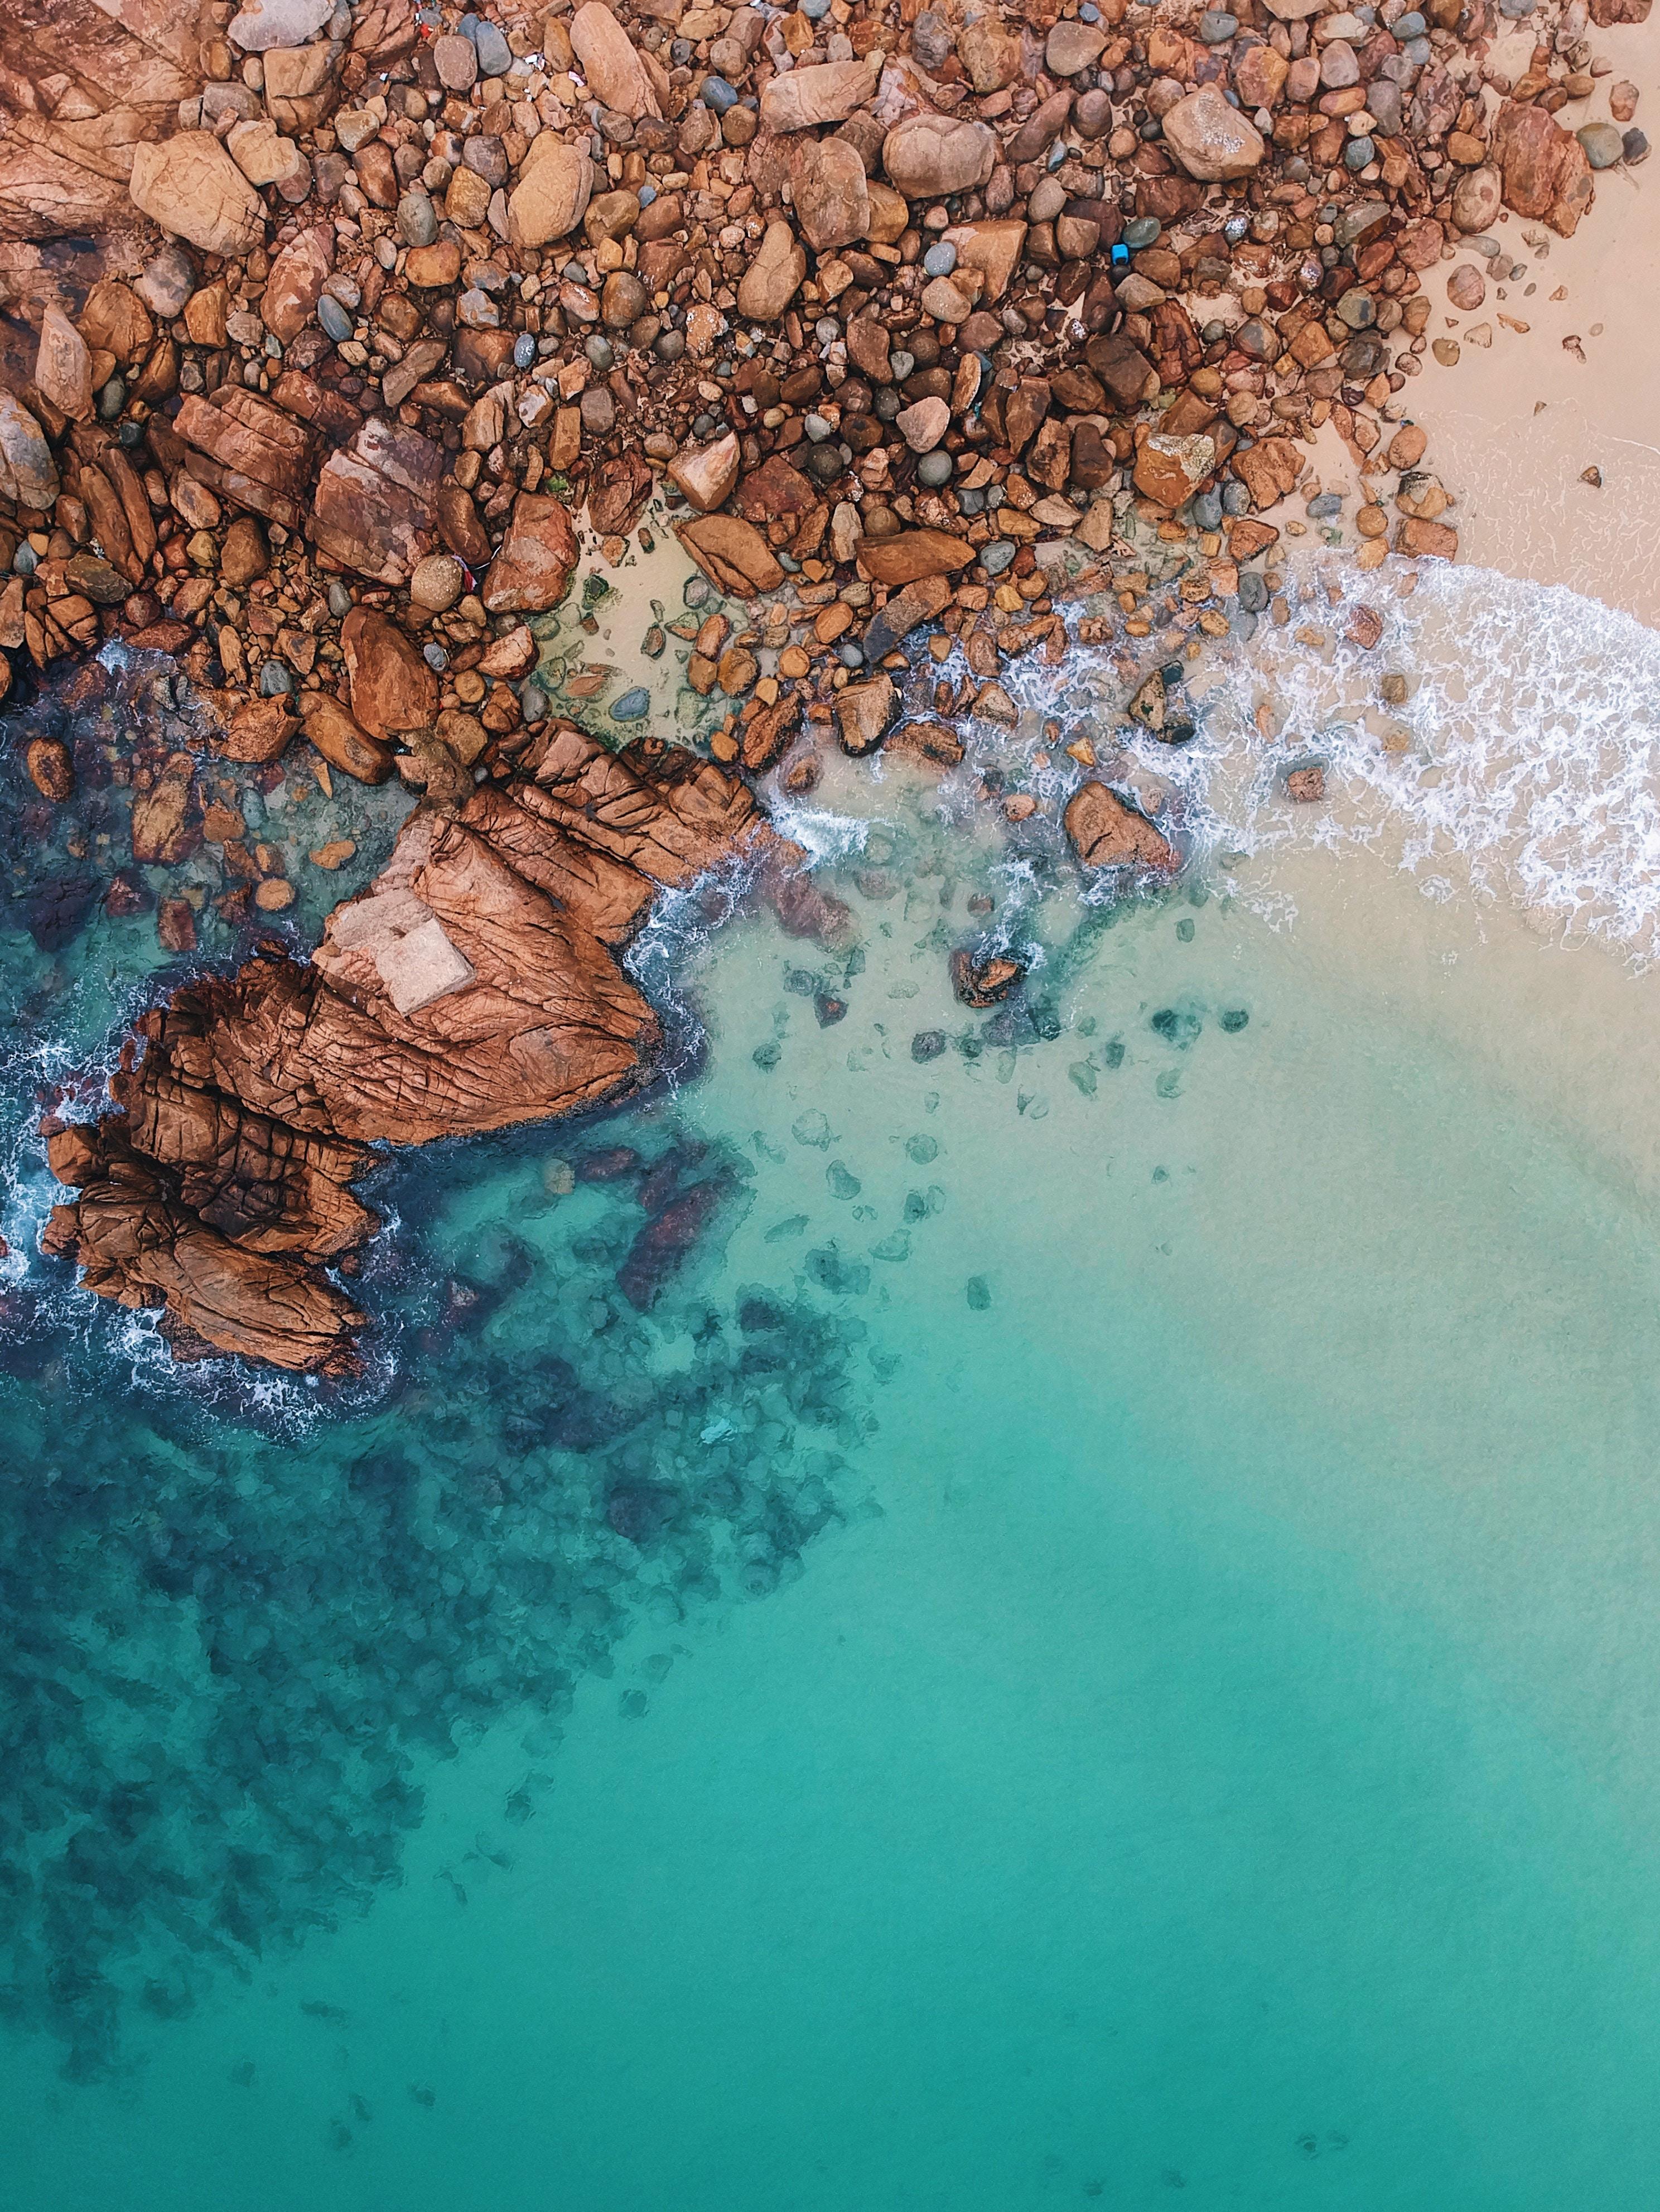 91126 скачать обои Камни, Природа, Вода, Песок, Вид Сверху, Океан, Пена - заставки и картинки бесплатно